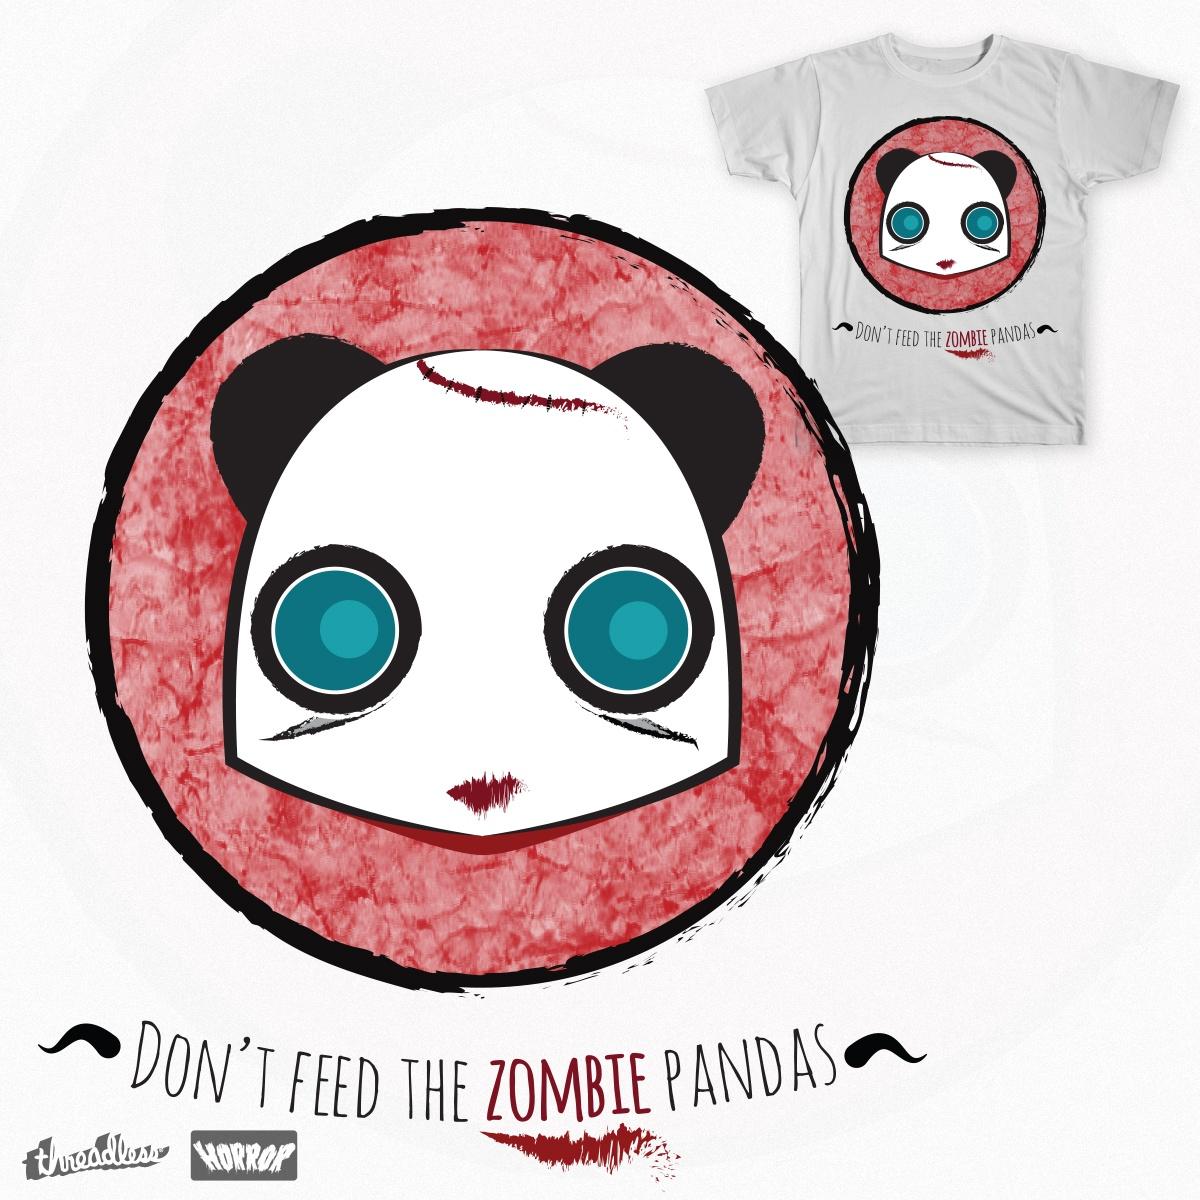 Zombie Panda Apocalypse by An.Drew on Threadless